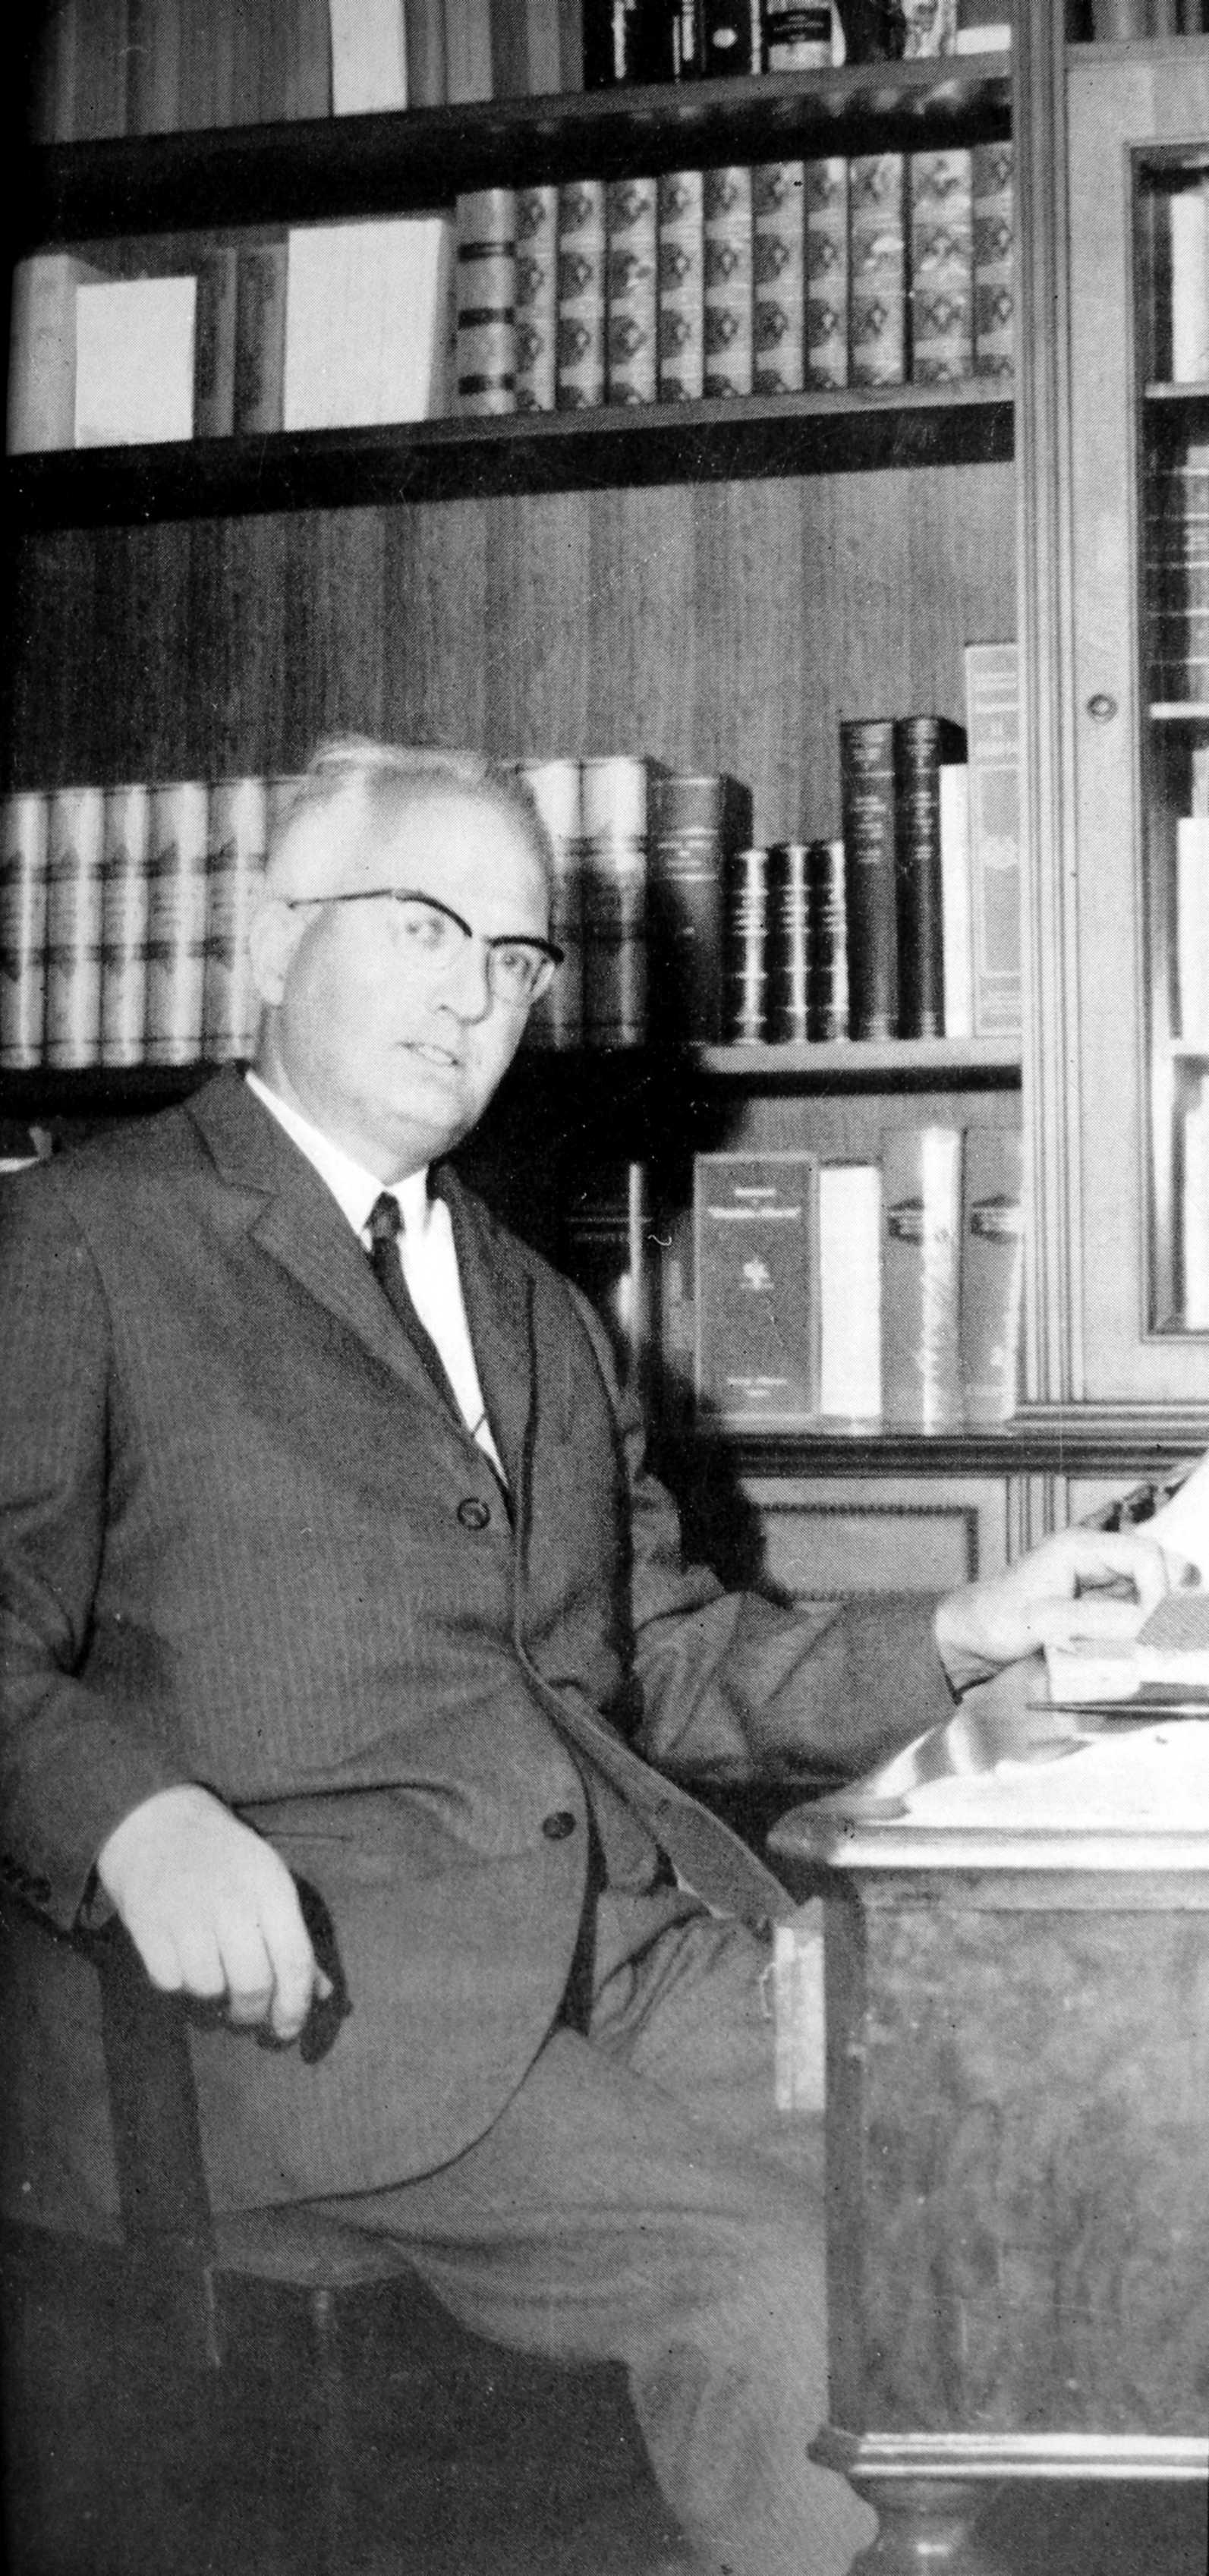 Pier Carlo Masini